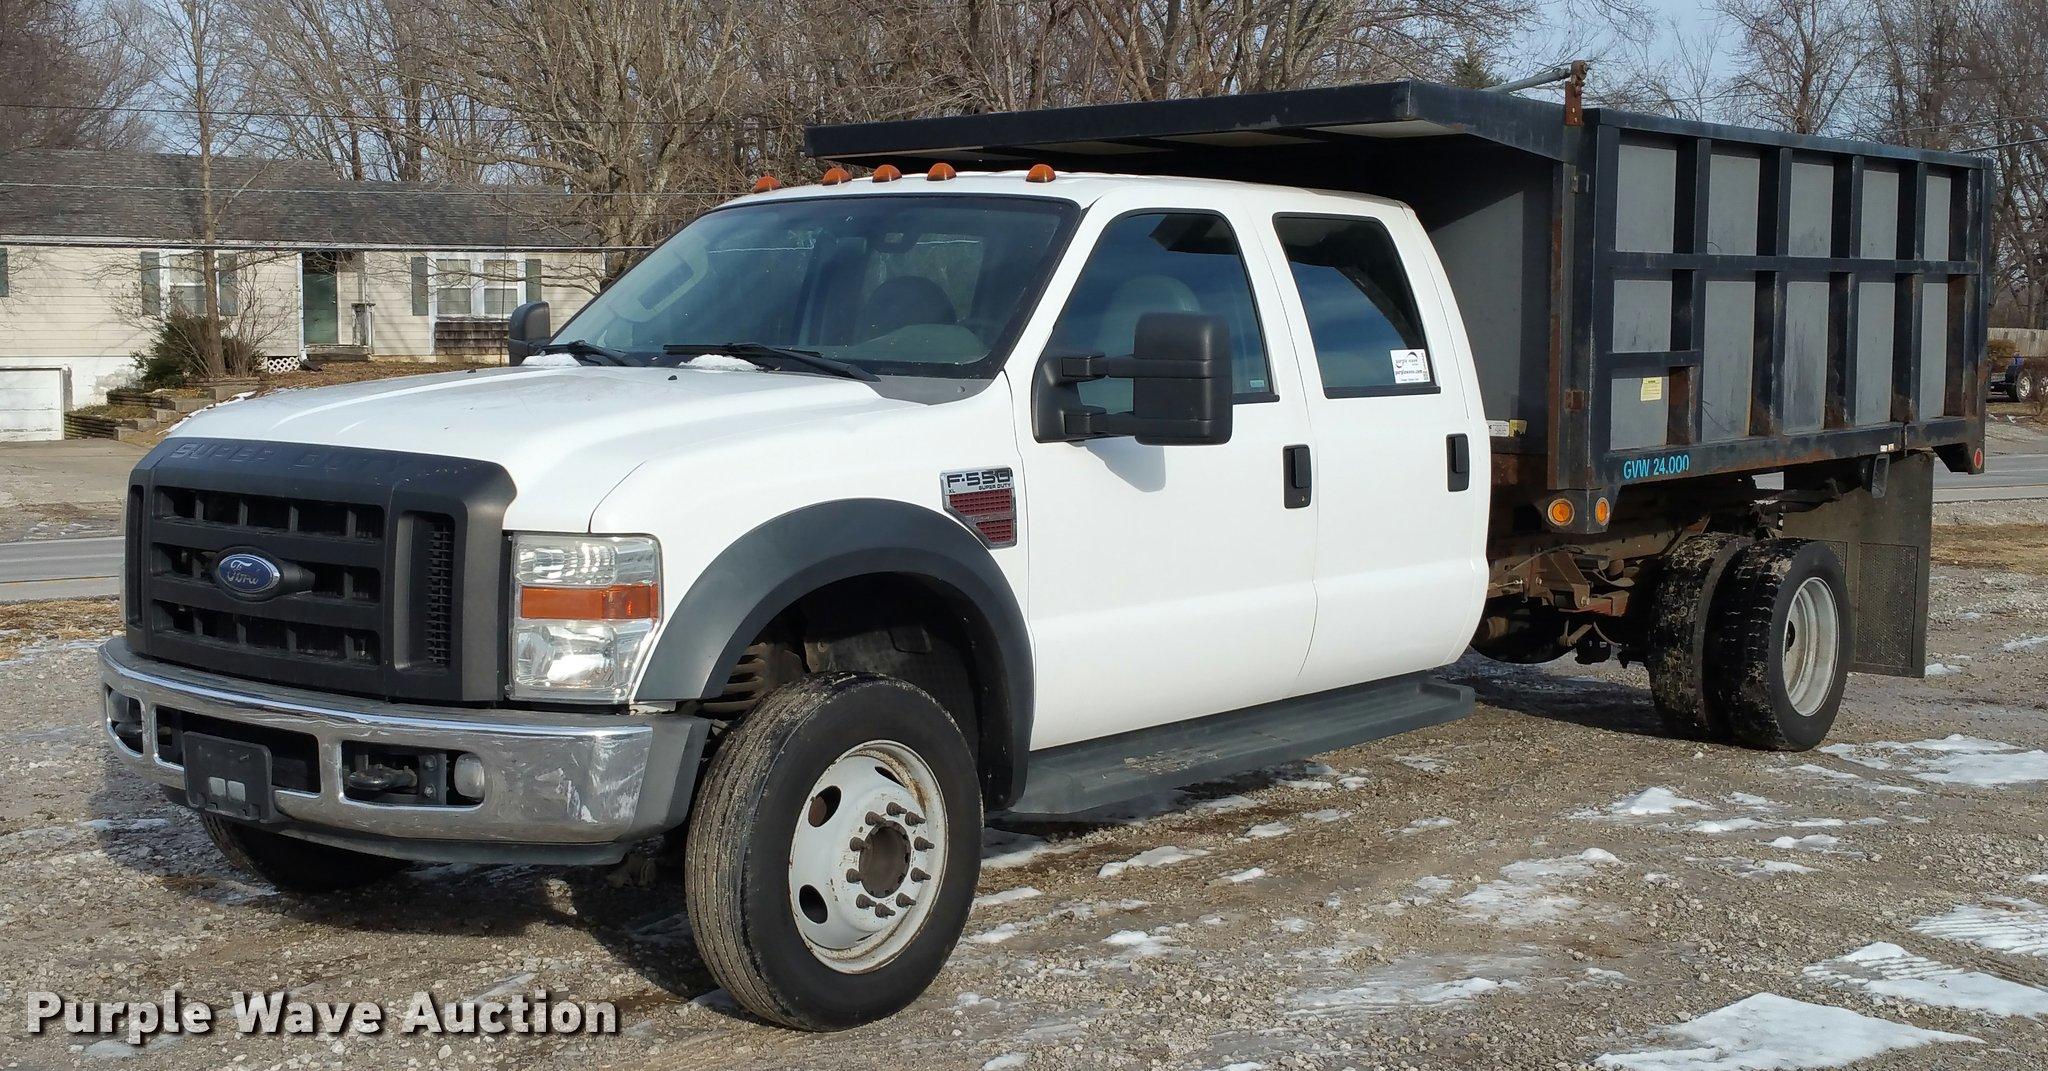 2008 ford f550 crew cab dump truck item da5830 sold! febda5830 image for item da5830 2008 ford f550 crew cab dump truck